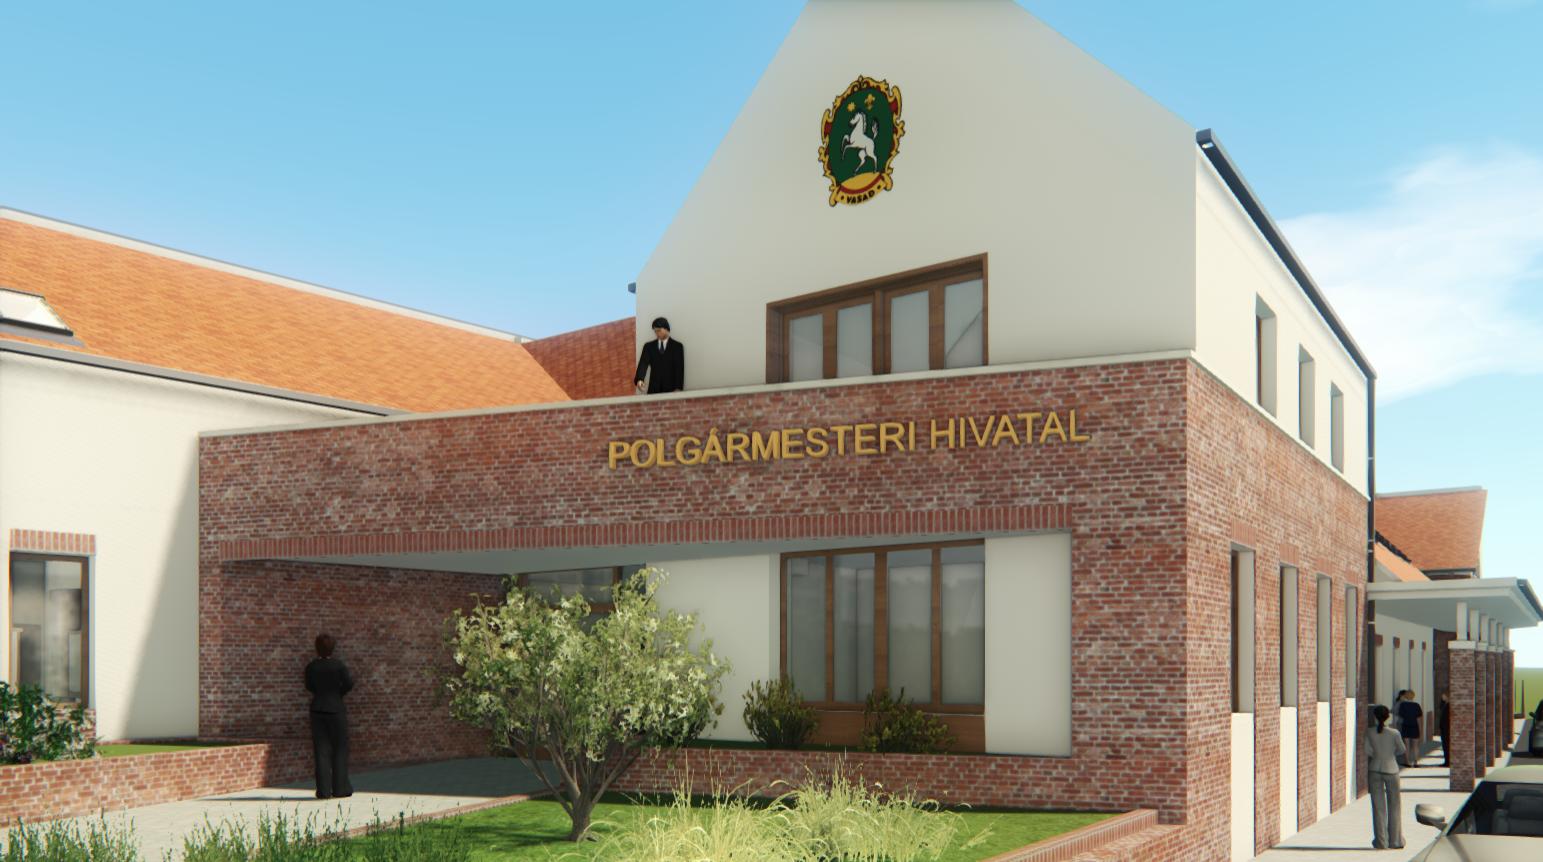 Polgármesteri hivatal építészmérnöki tervezése Vasad